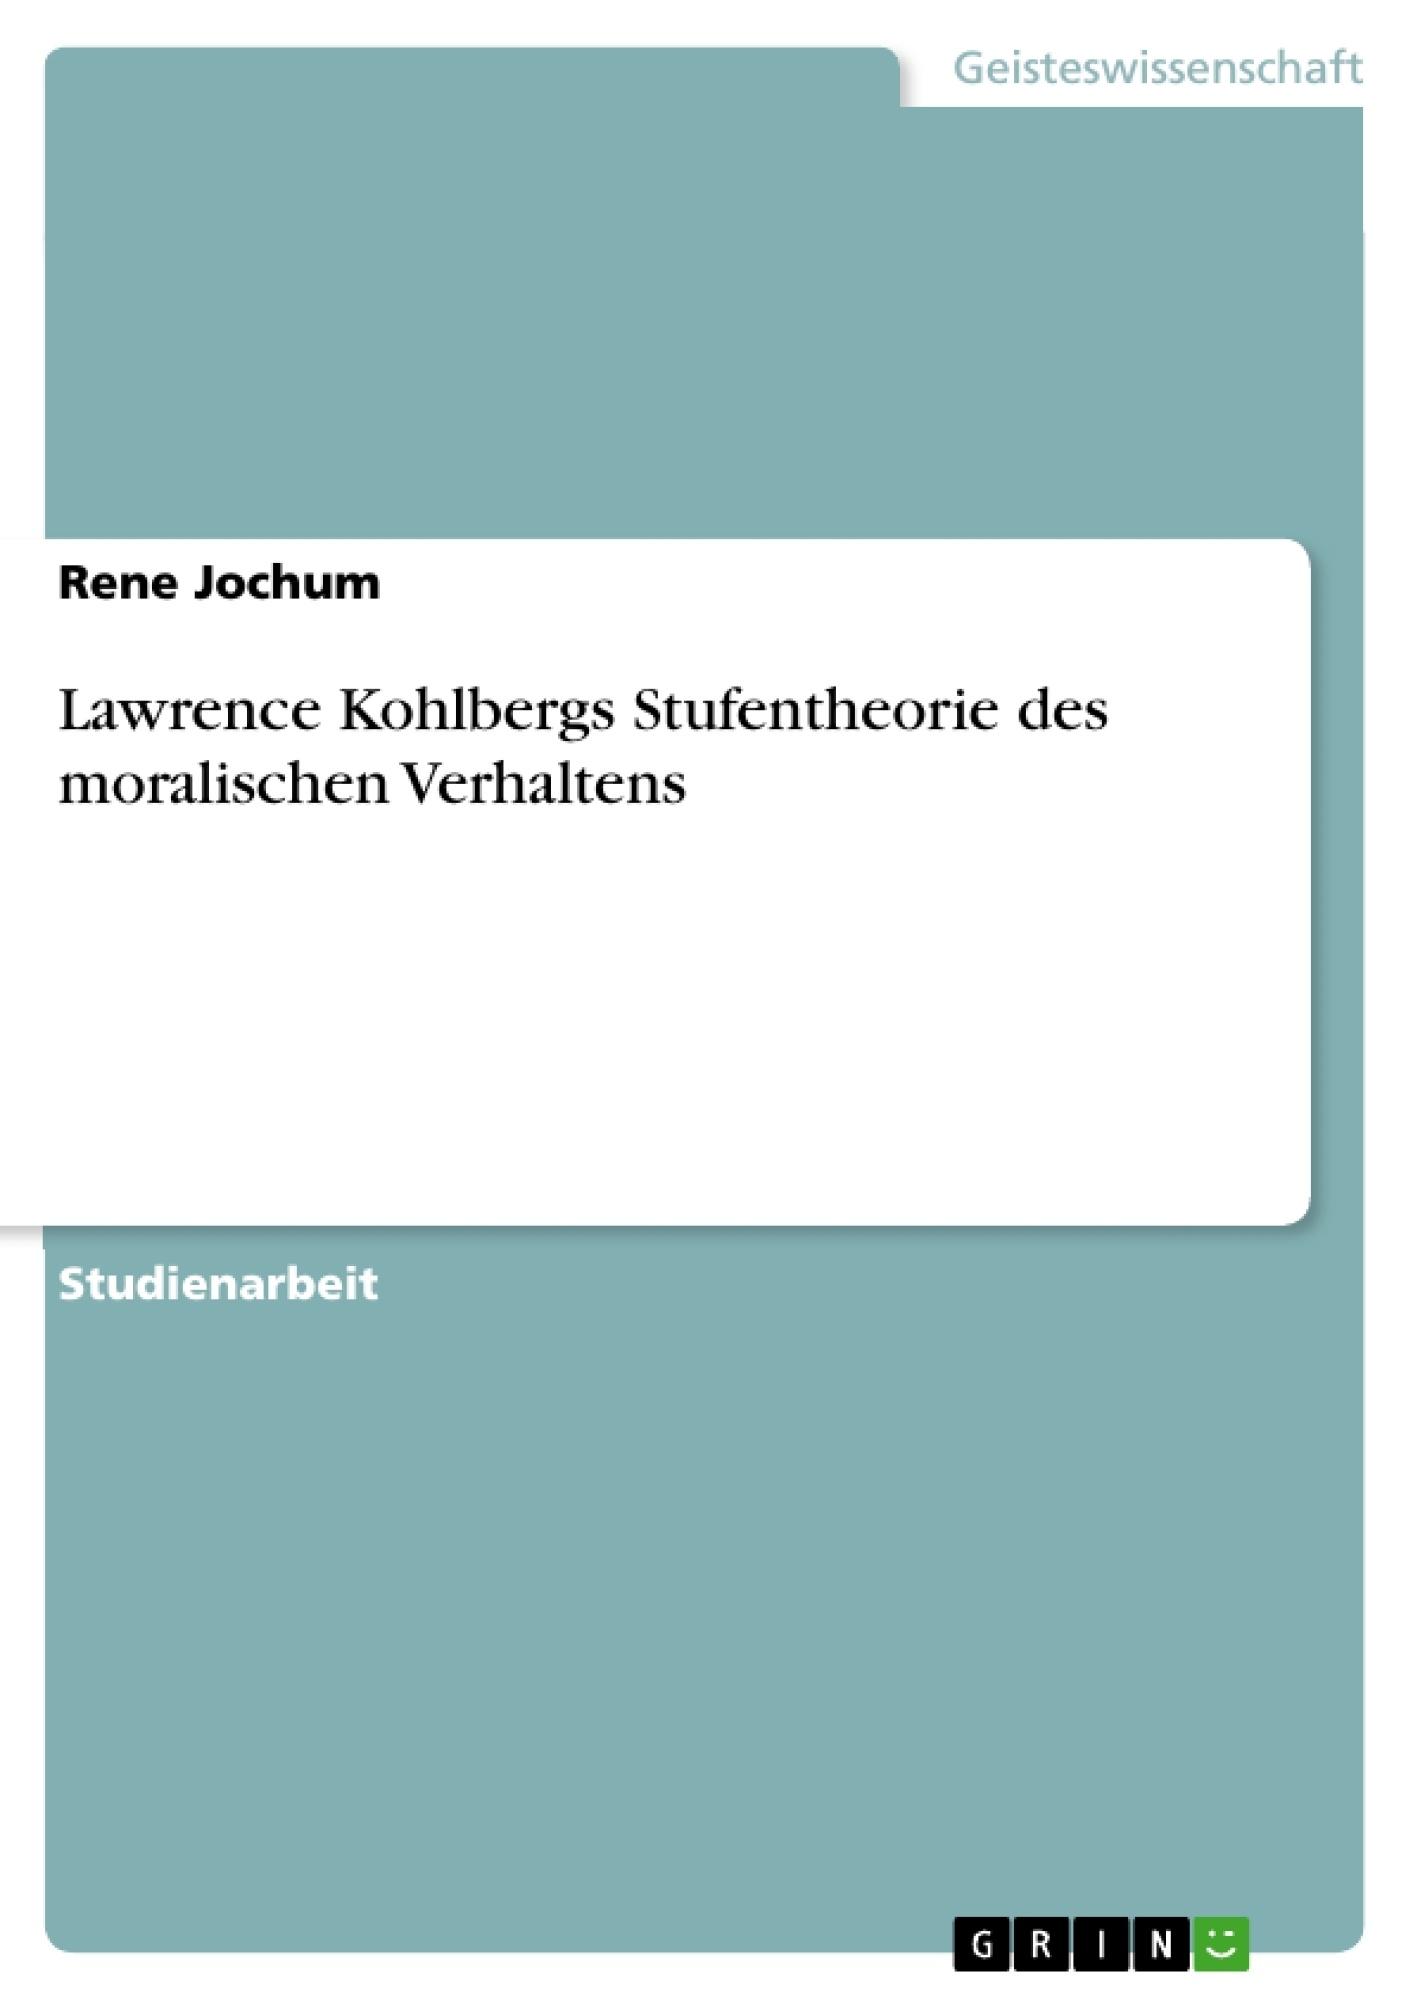 Titel: Lawrence Kohlbergs Stufentheorie des moralischen Verhaltens